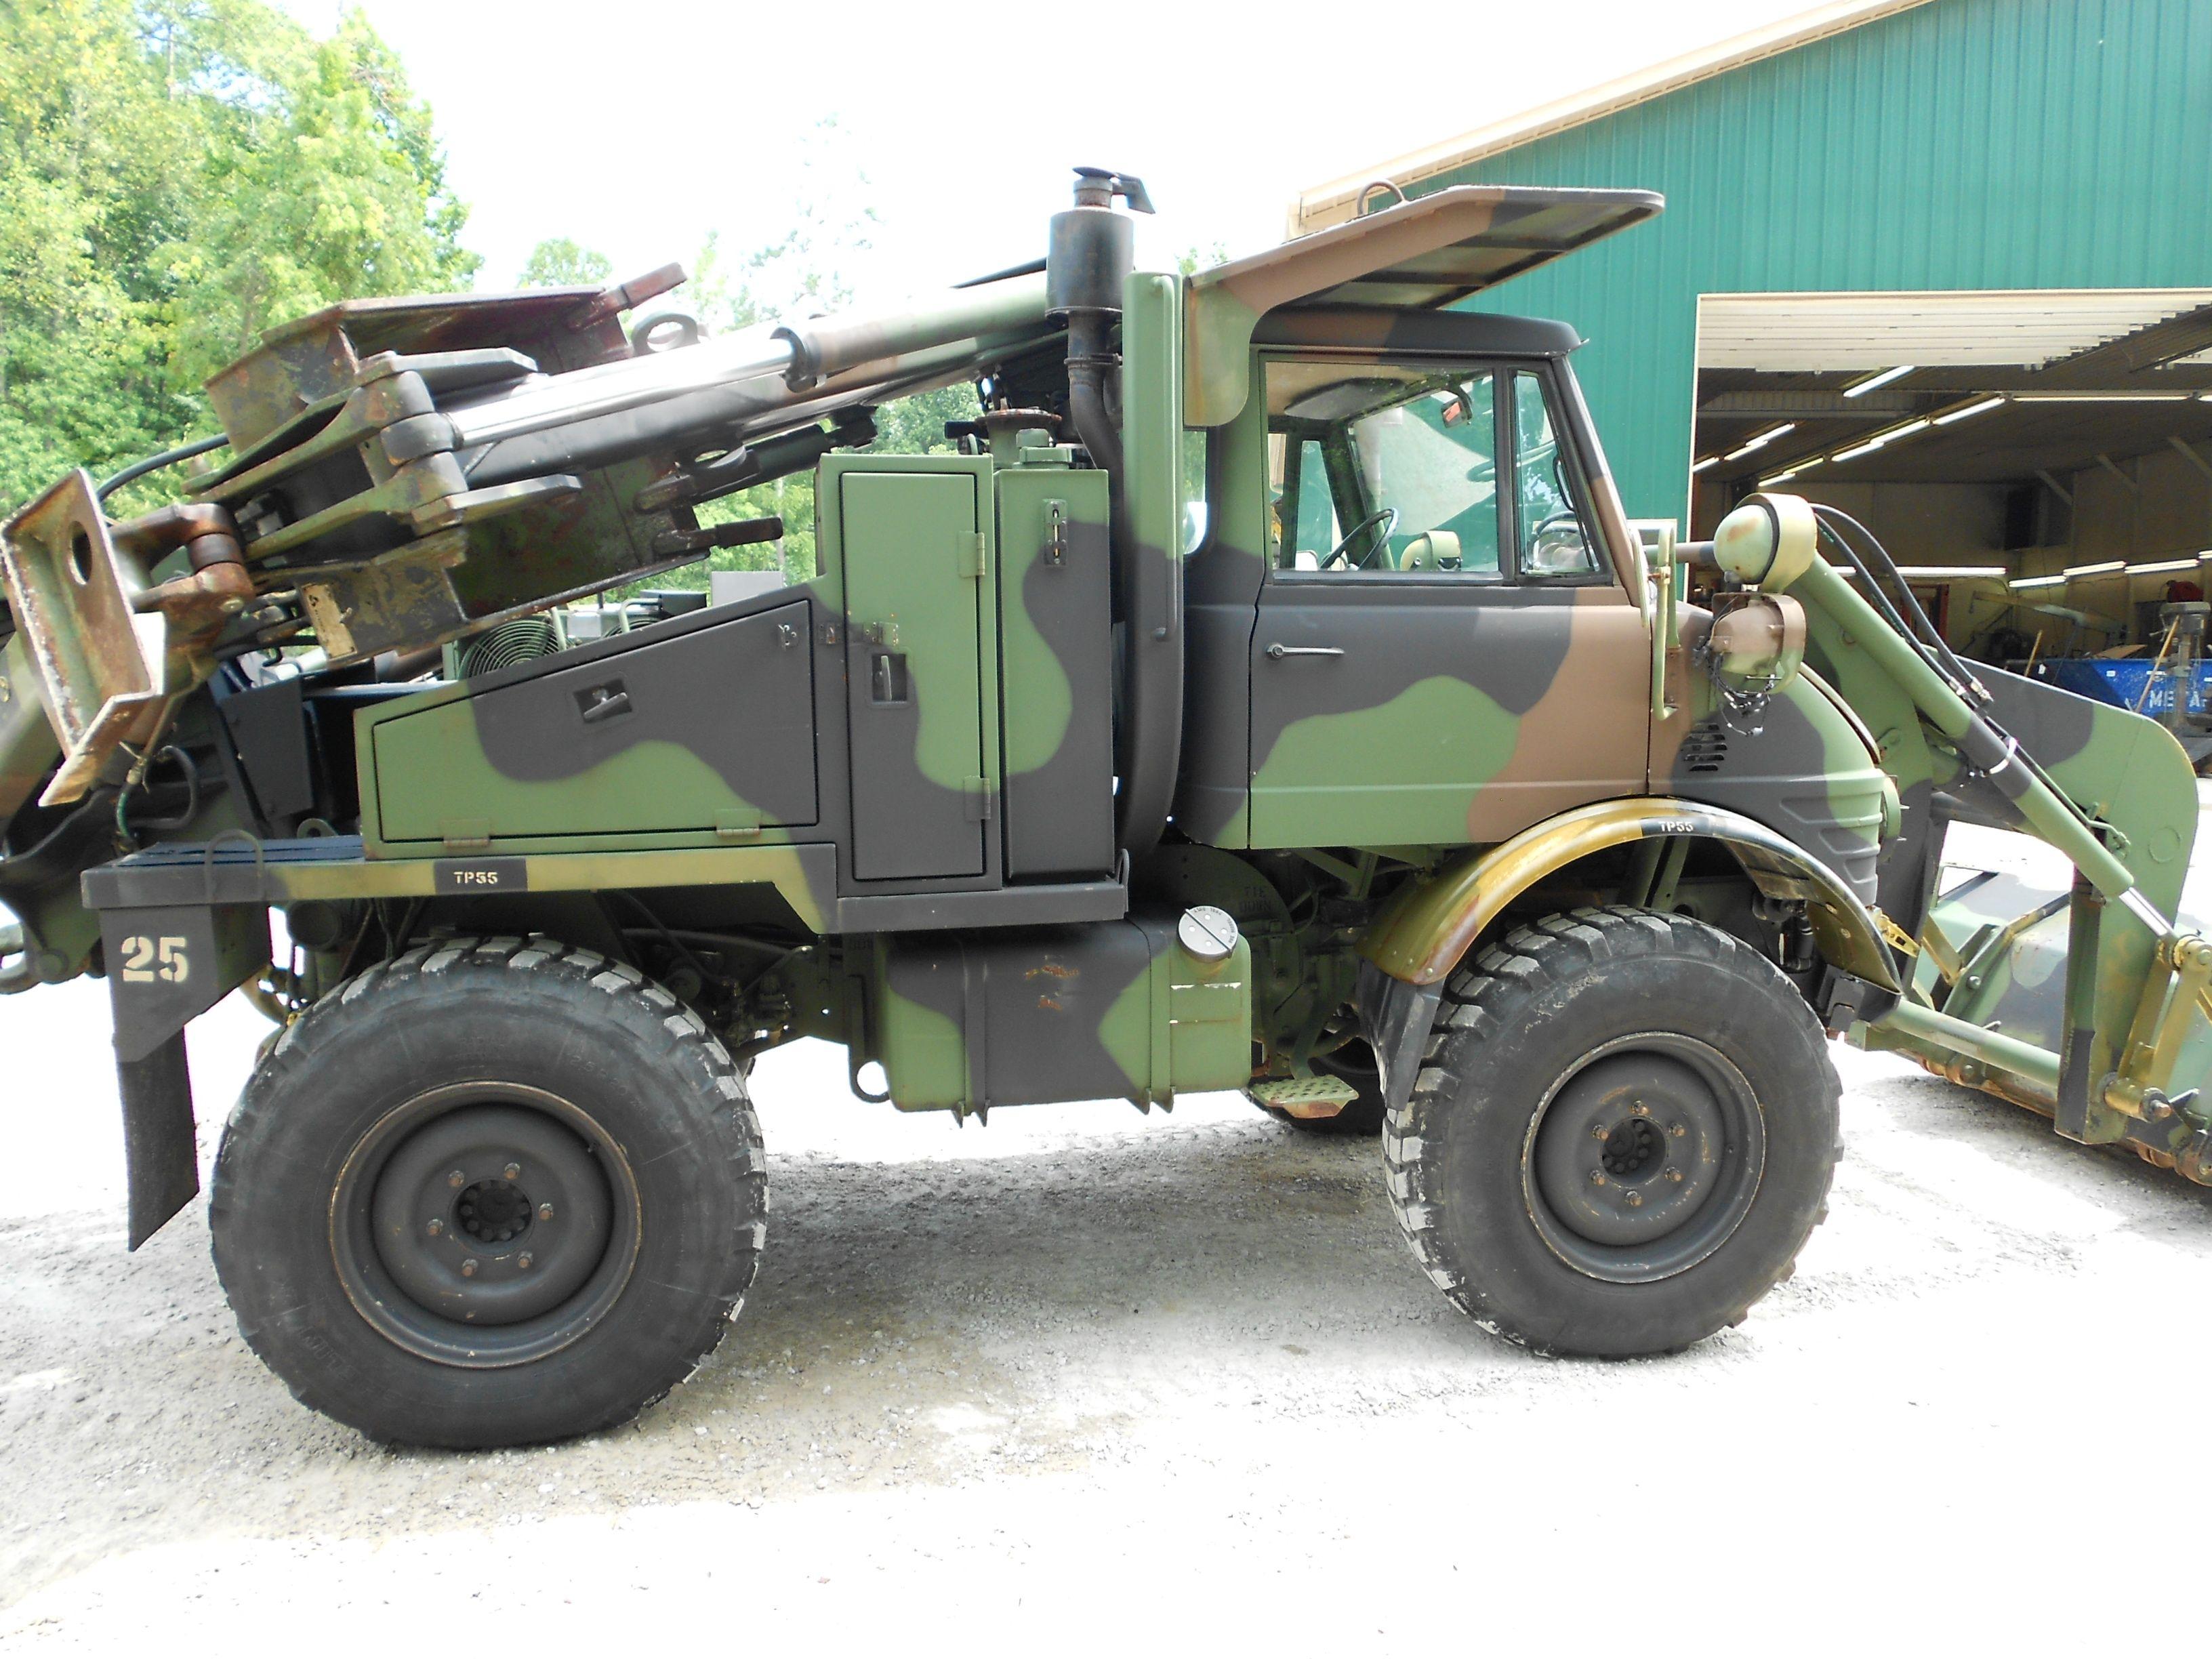 Military unimog loader and backhoe AntiZombie Vehicle